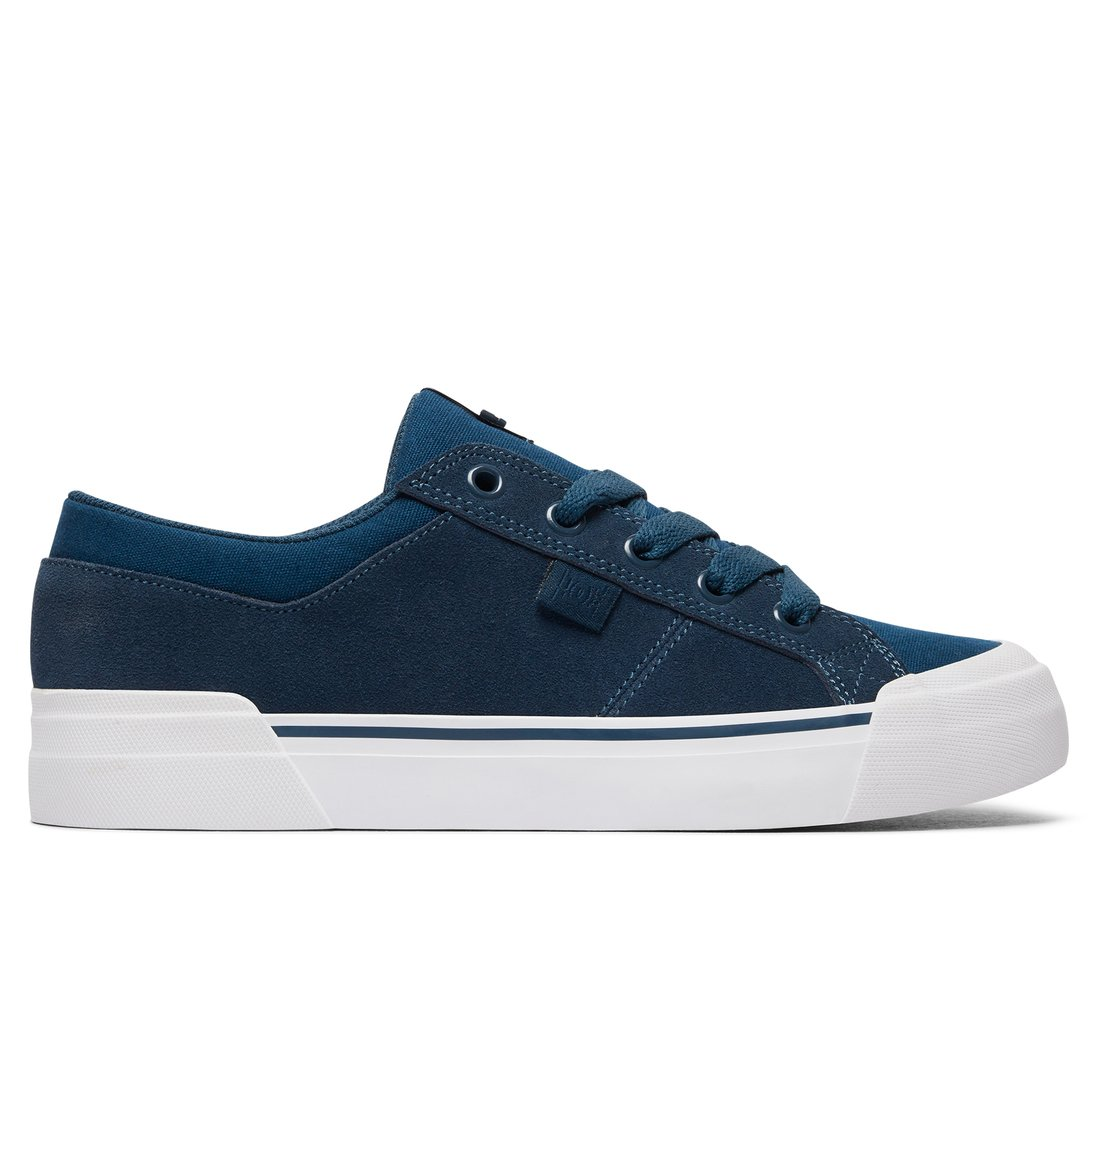 Danni SE Skate Shoe